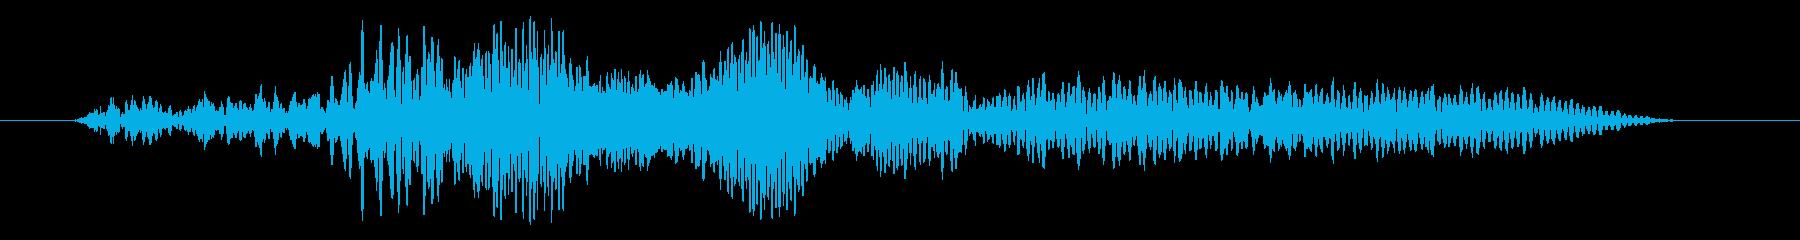 車のエンジン音(車内)の再生済みの波形